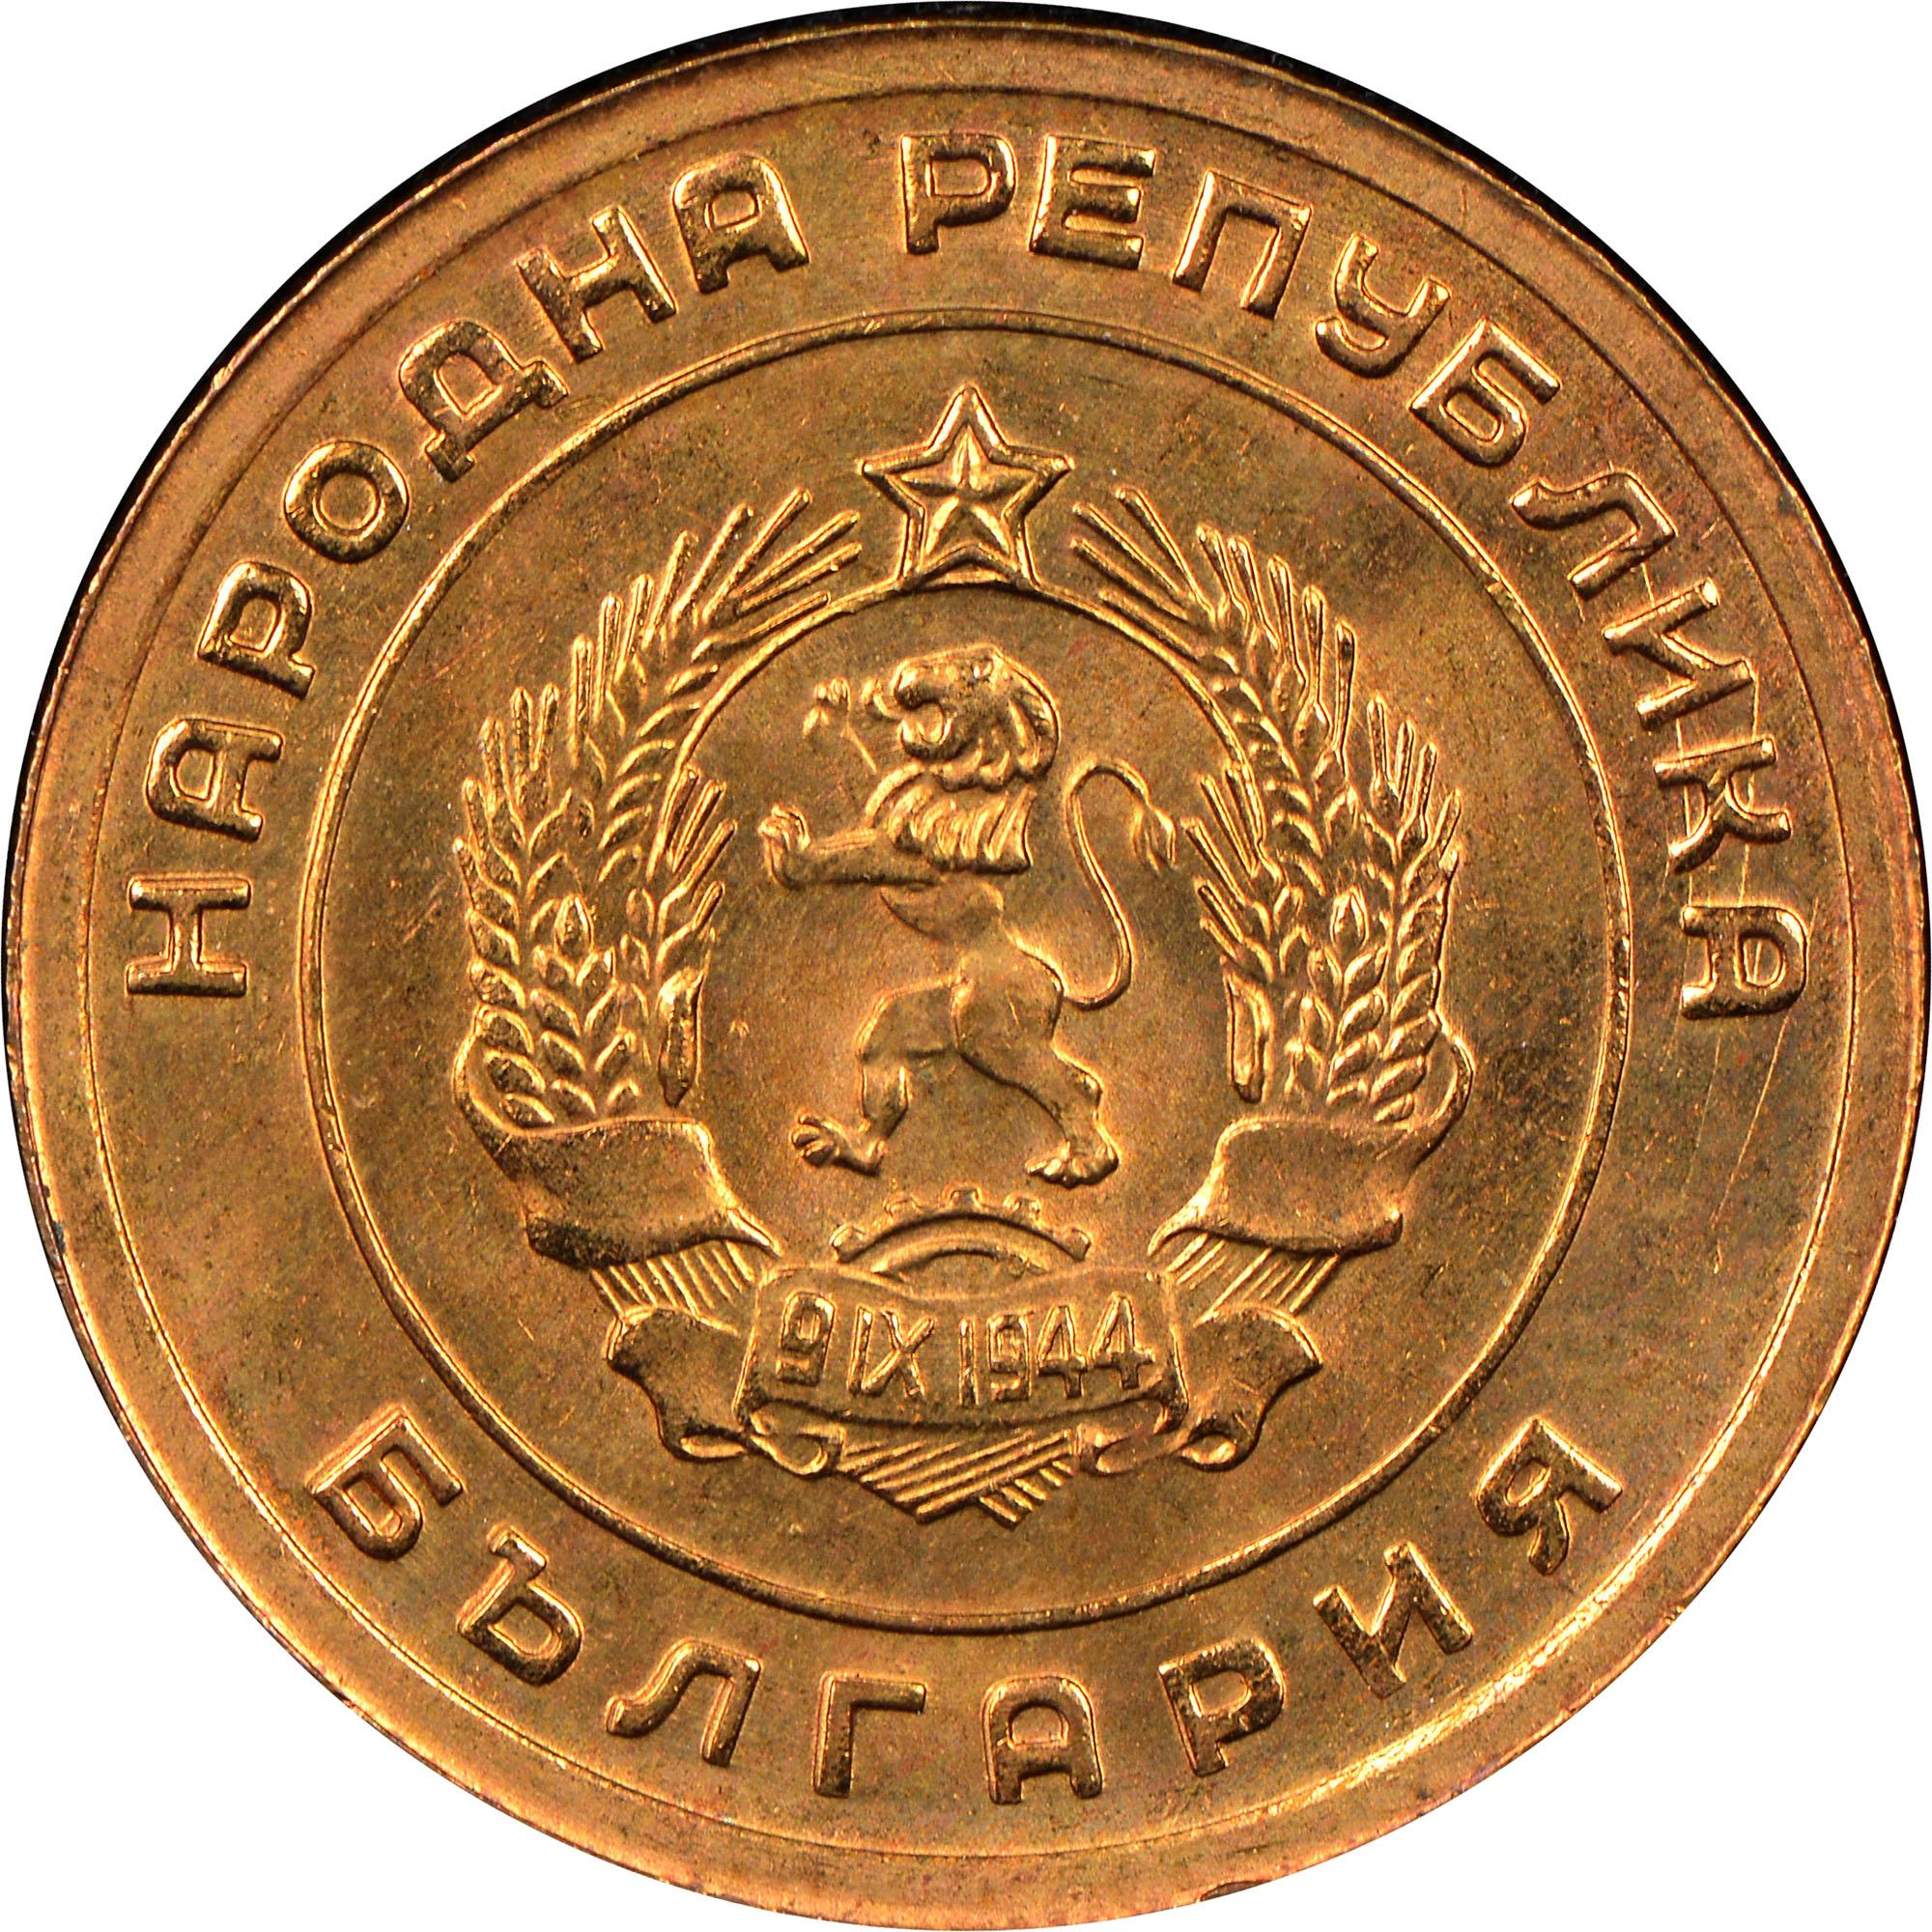 1951 Bulgaria 3 Stotinki obverse